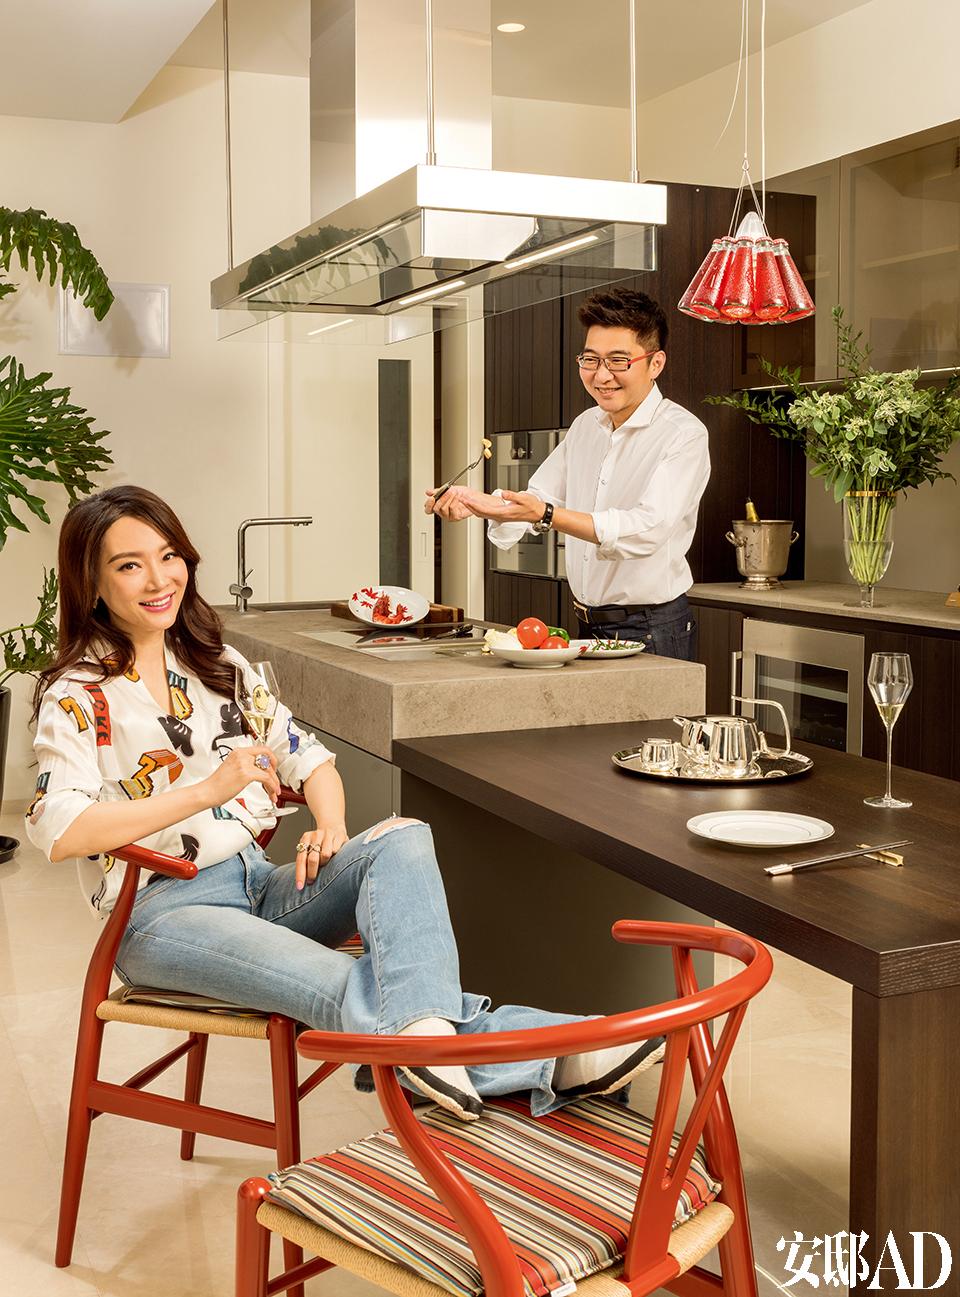 夫做妇尝是家里的常见场景。